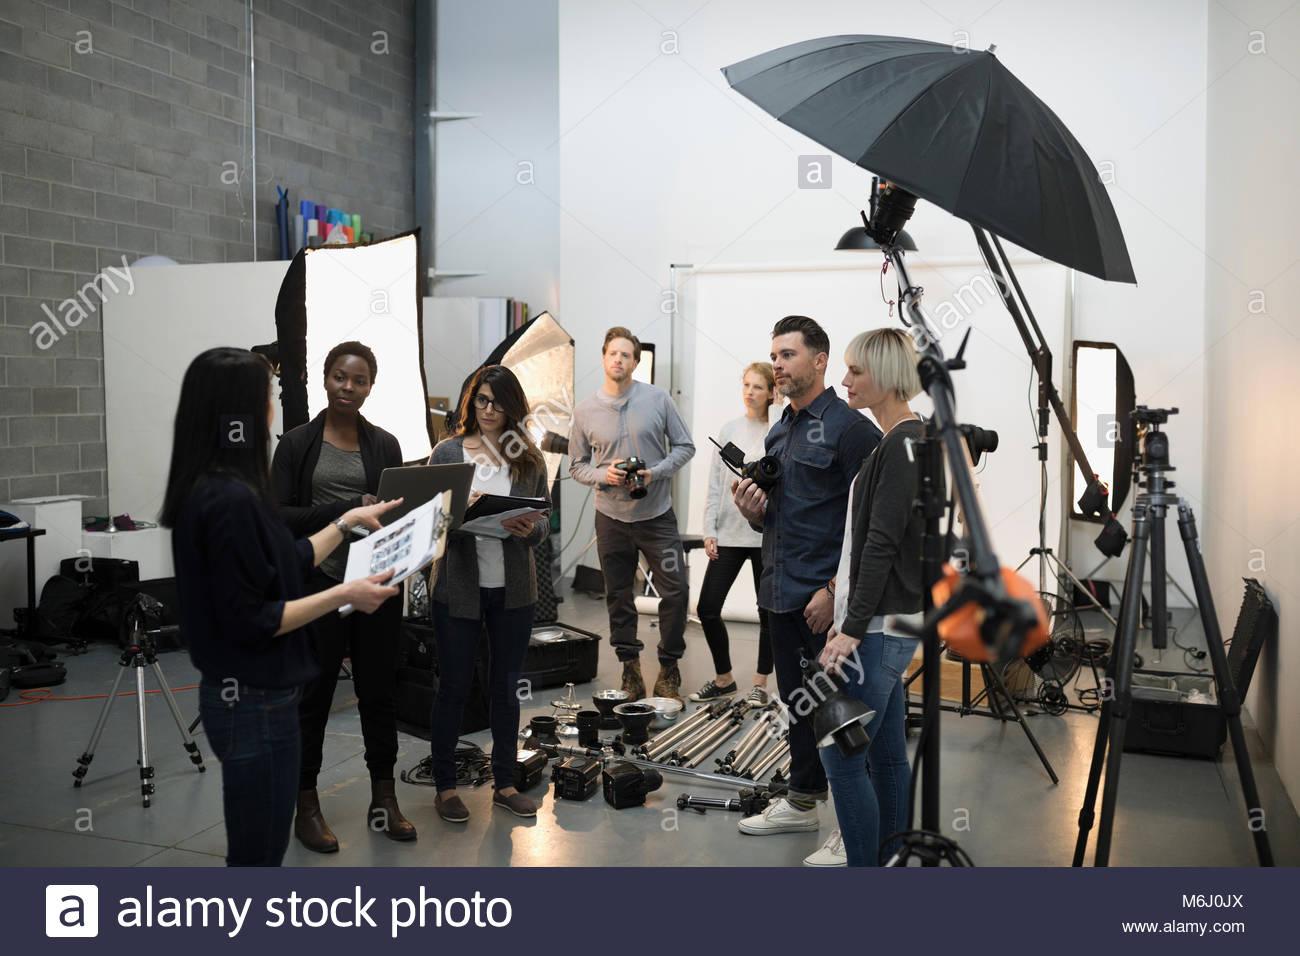 Fotógrafos y reunión de equipo de producción, preparación para fotos en estudio Imagen De Stock